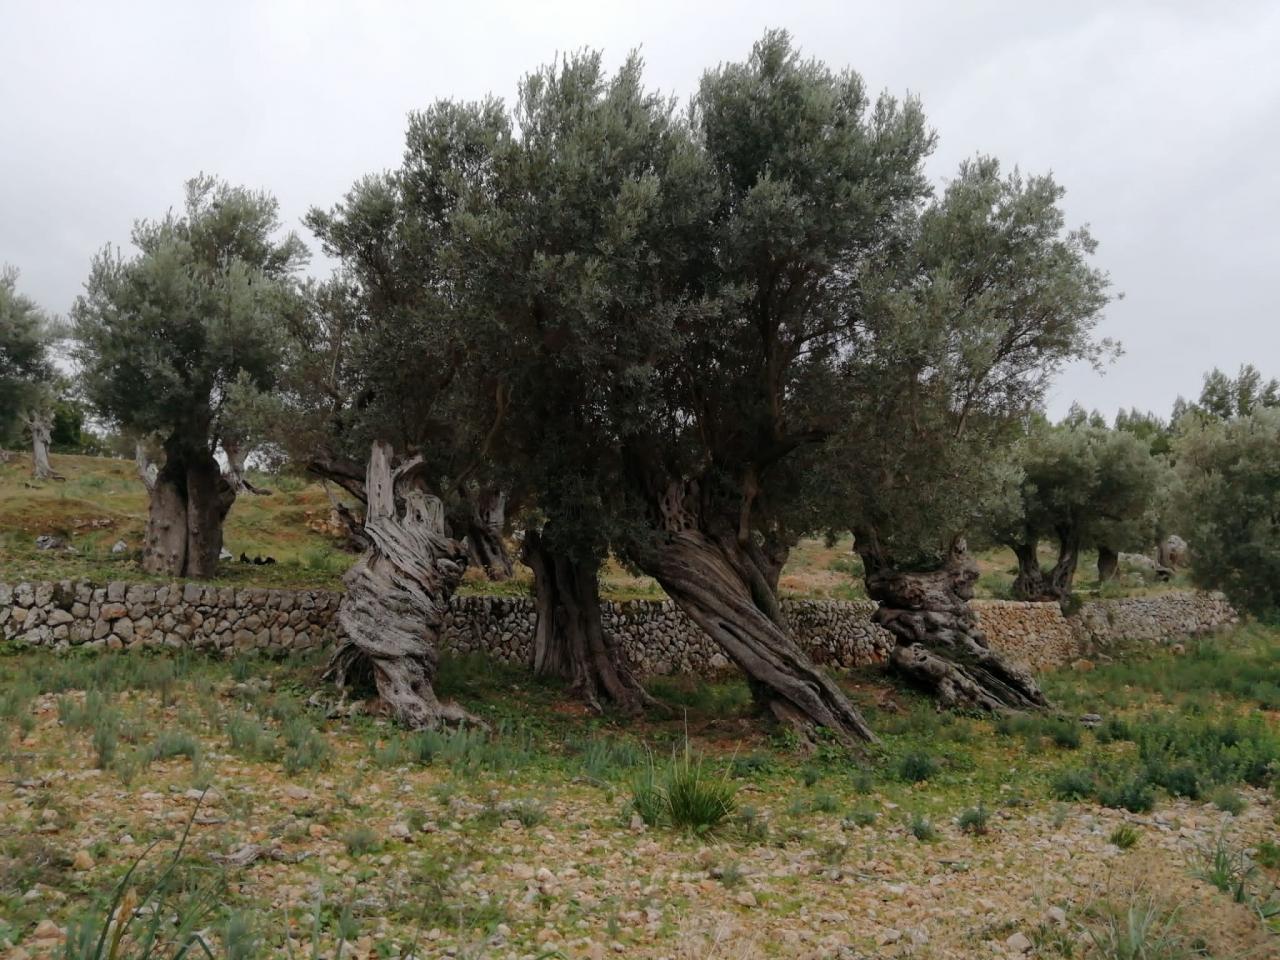 Concurso para nuestros suscriptores: D'oliveres i olives